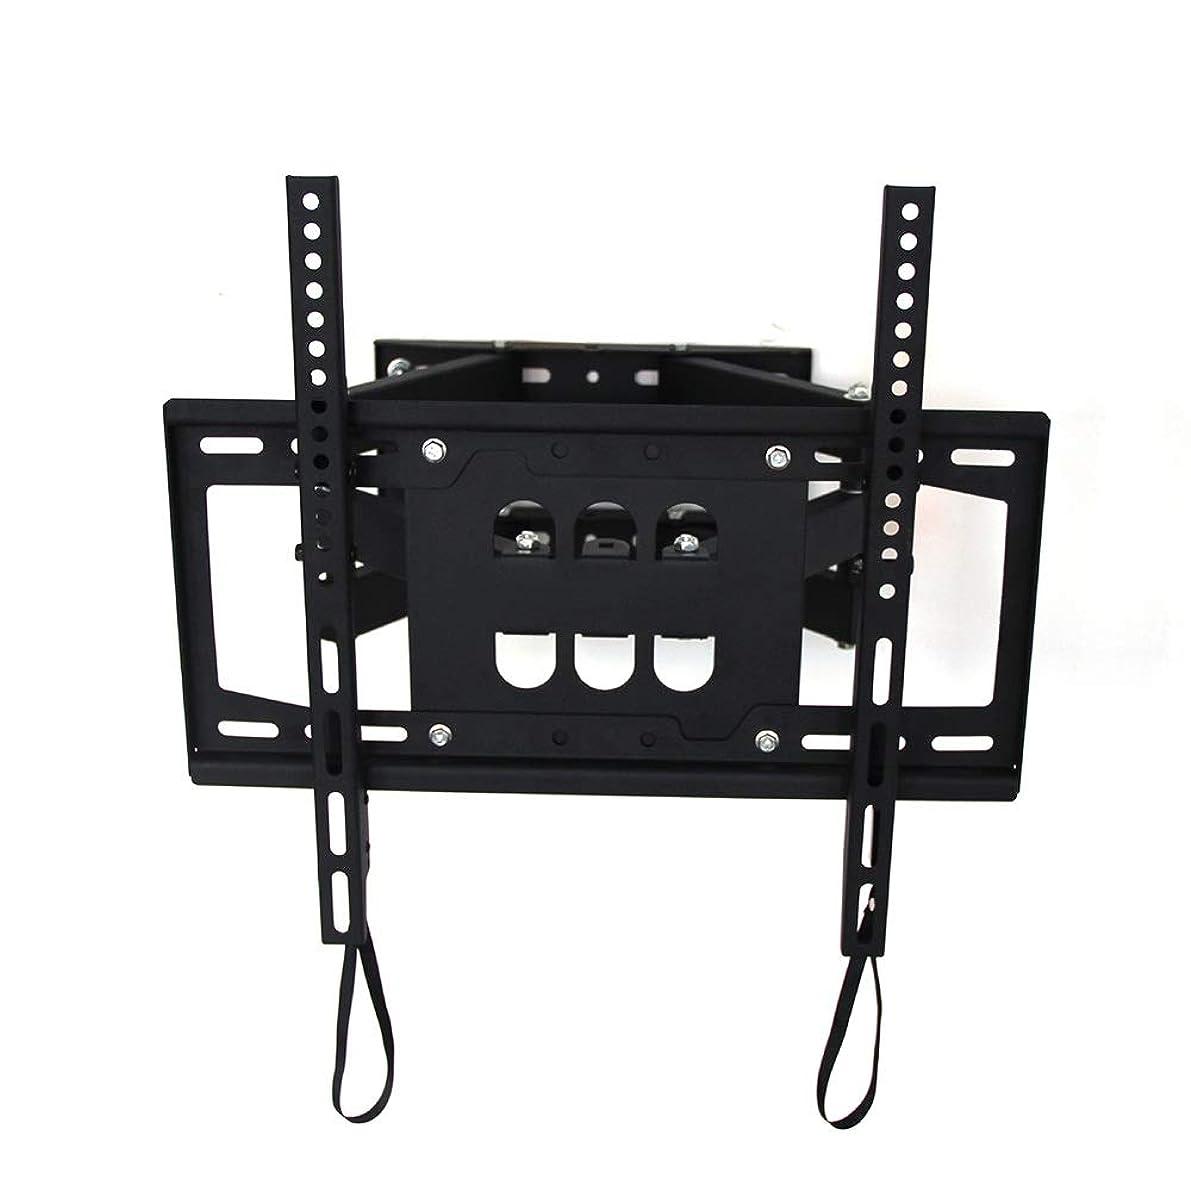 協同爆発物コンパクトテレビスタンド 液晶テレビ台 26から65インチのテレビフラットスクリーンテレビのための耐久性のテレビウォールマウントブラケット (Color : Black, Size : 26-65 inches)